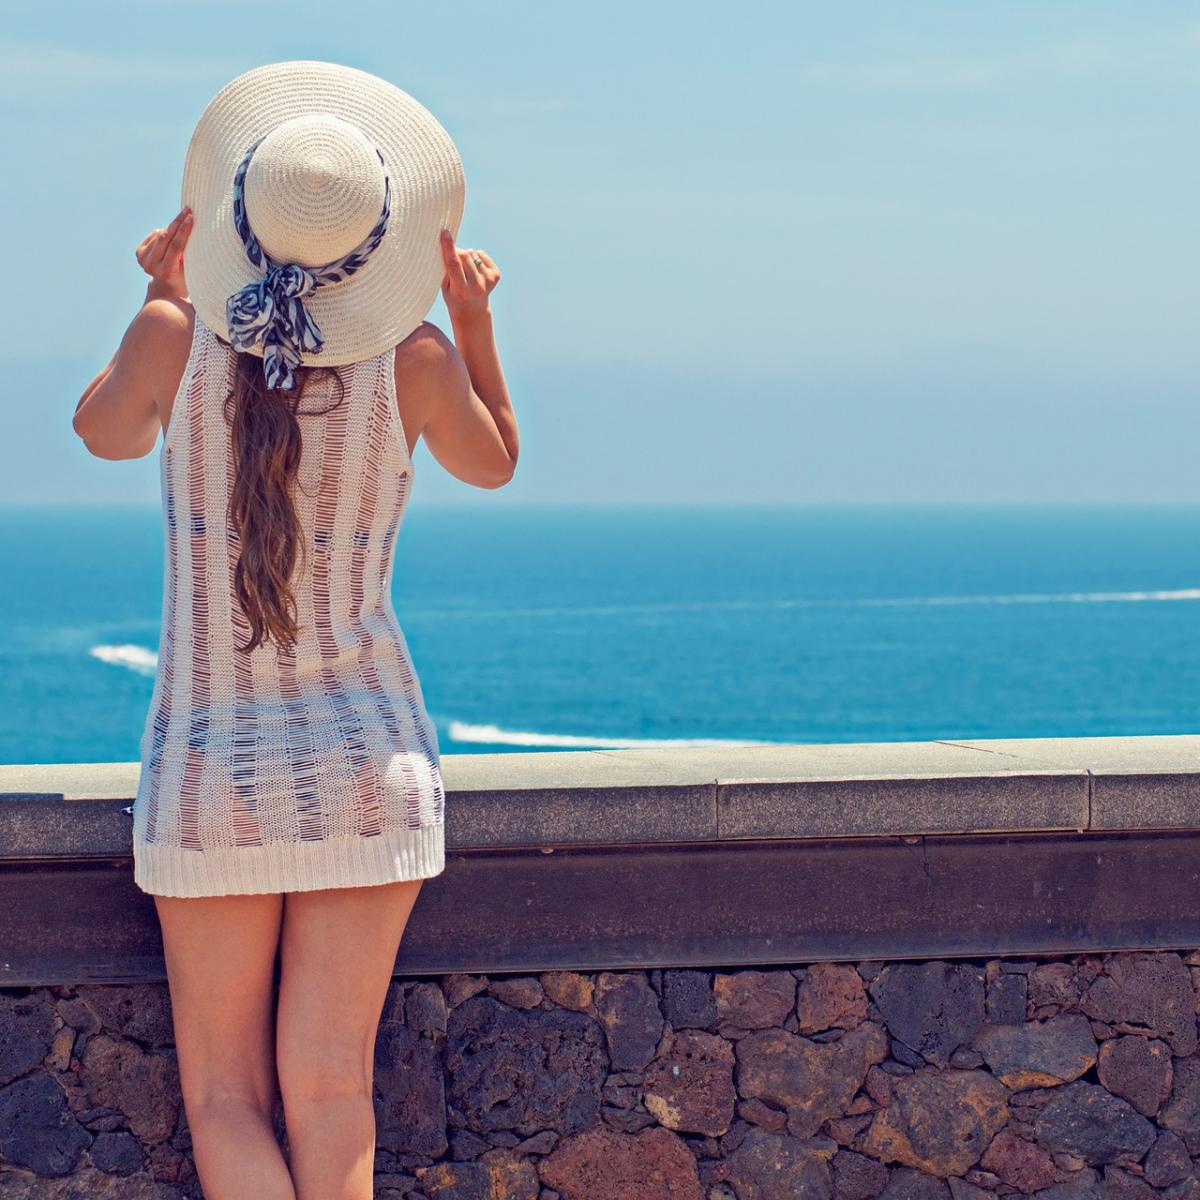 暑い夏を快適に過ごす!おすすめの精油&アロマクラフト8選